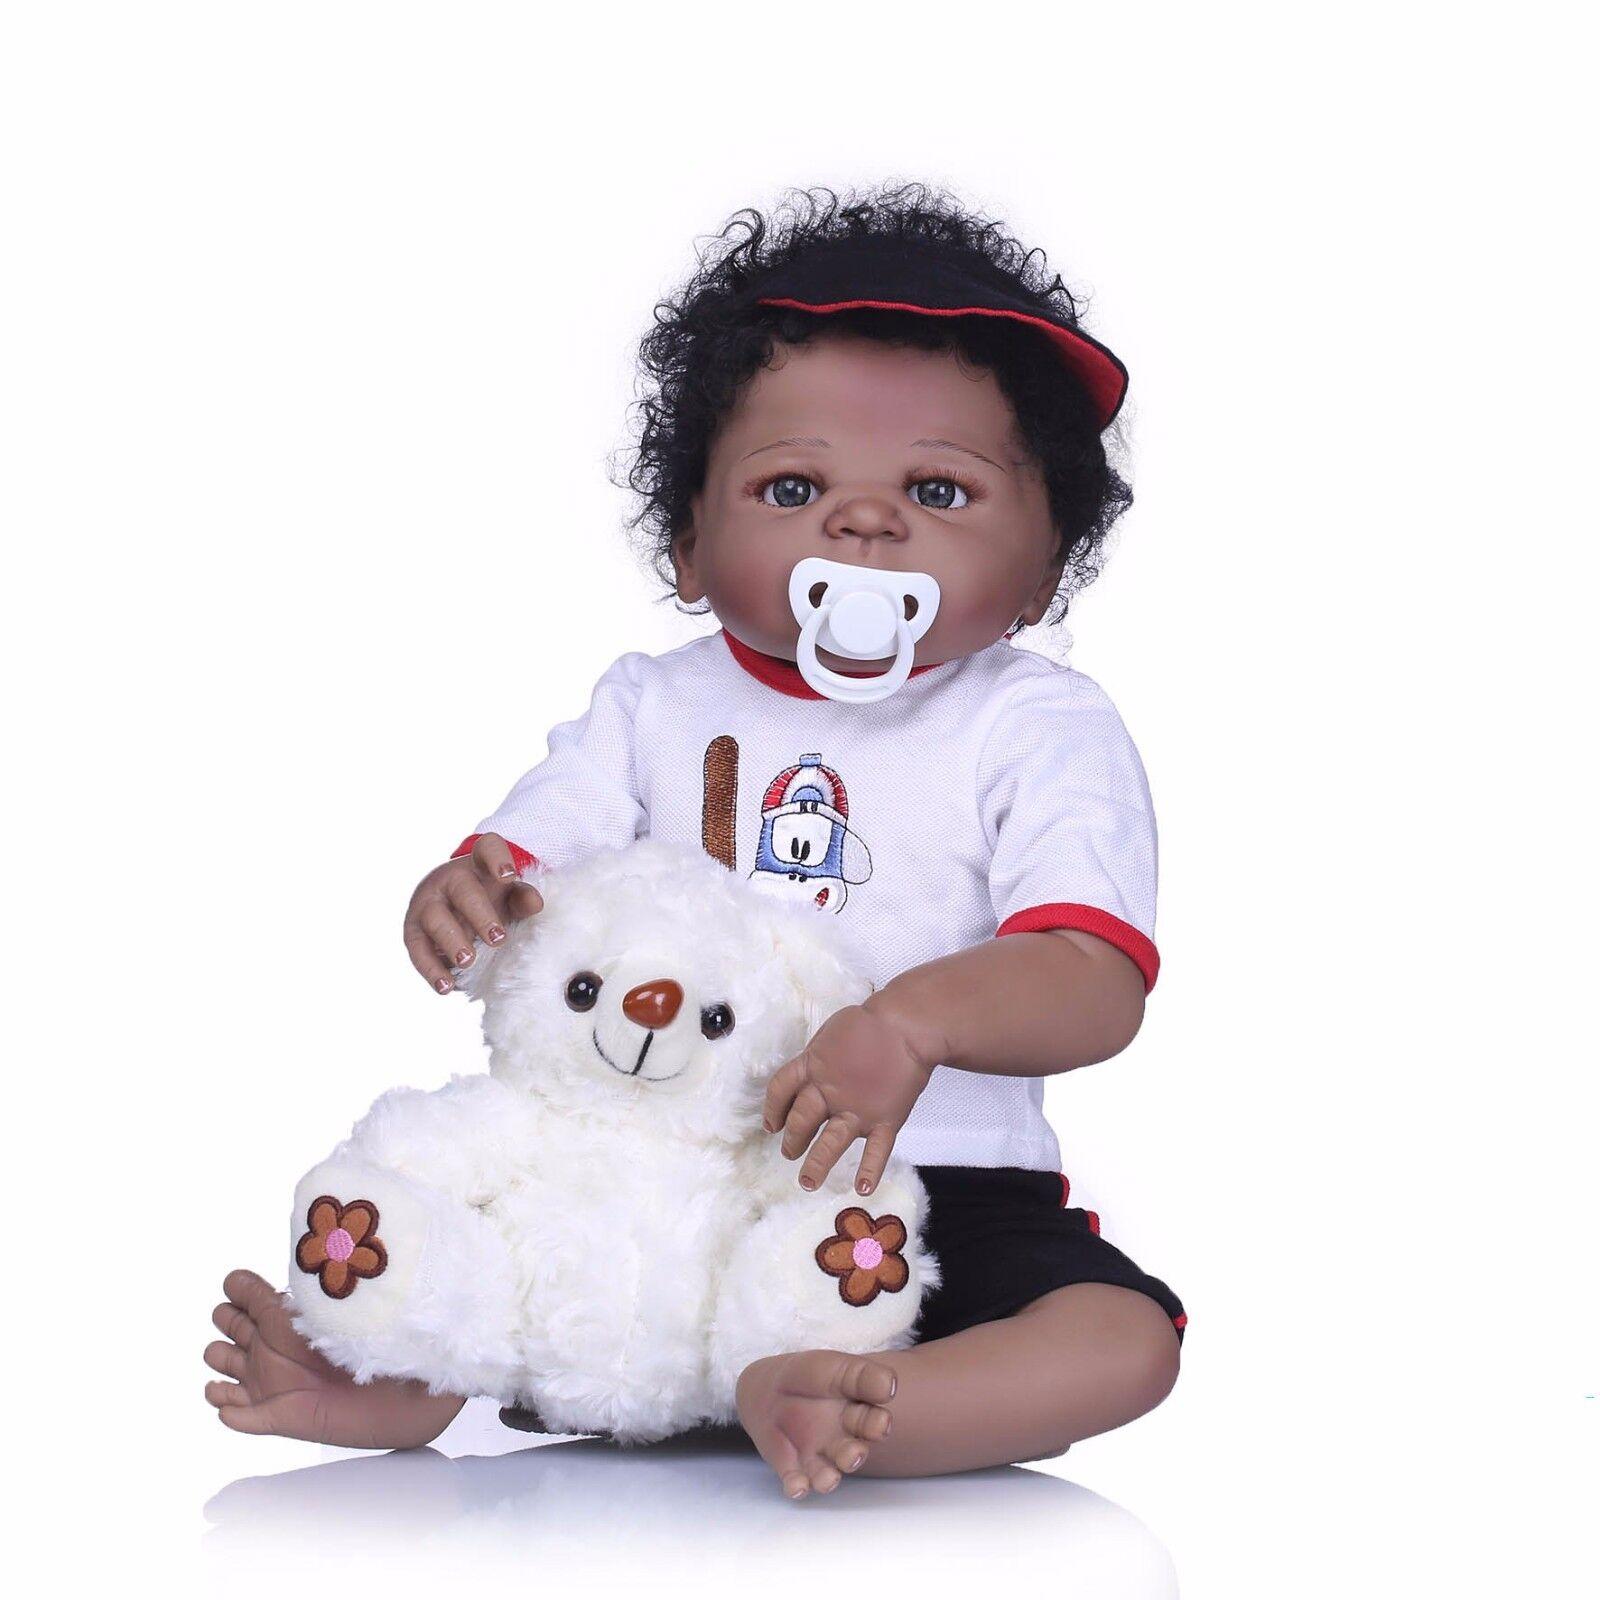 22  Muñeca Bebé Reborn étnico afroamericano Pelo Rizado Negro Recién nacidos Niño Completo Vinilo Nuevo